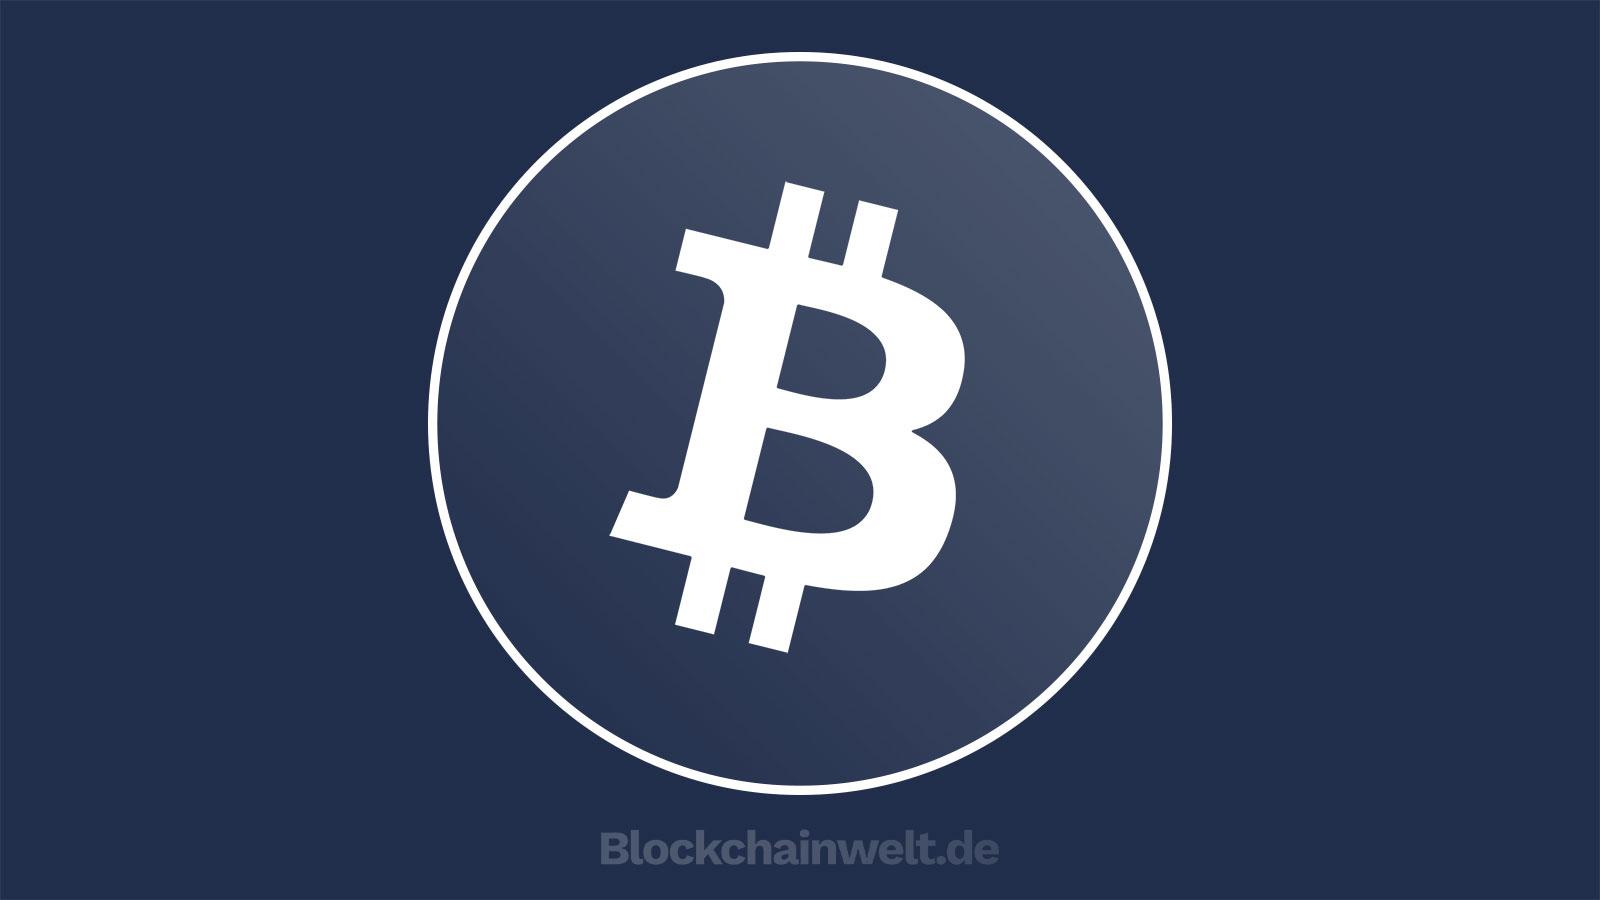 wie man bitcoin privat mit handel shatoshi beansprucht wie kann man geld verdienen schnell